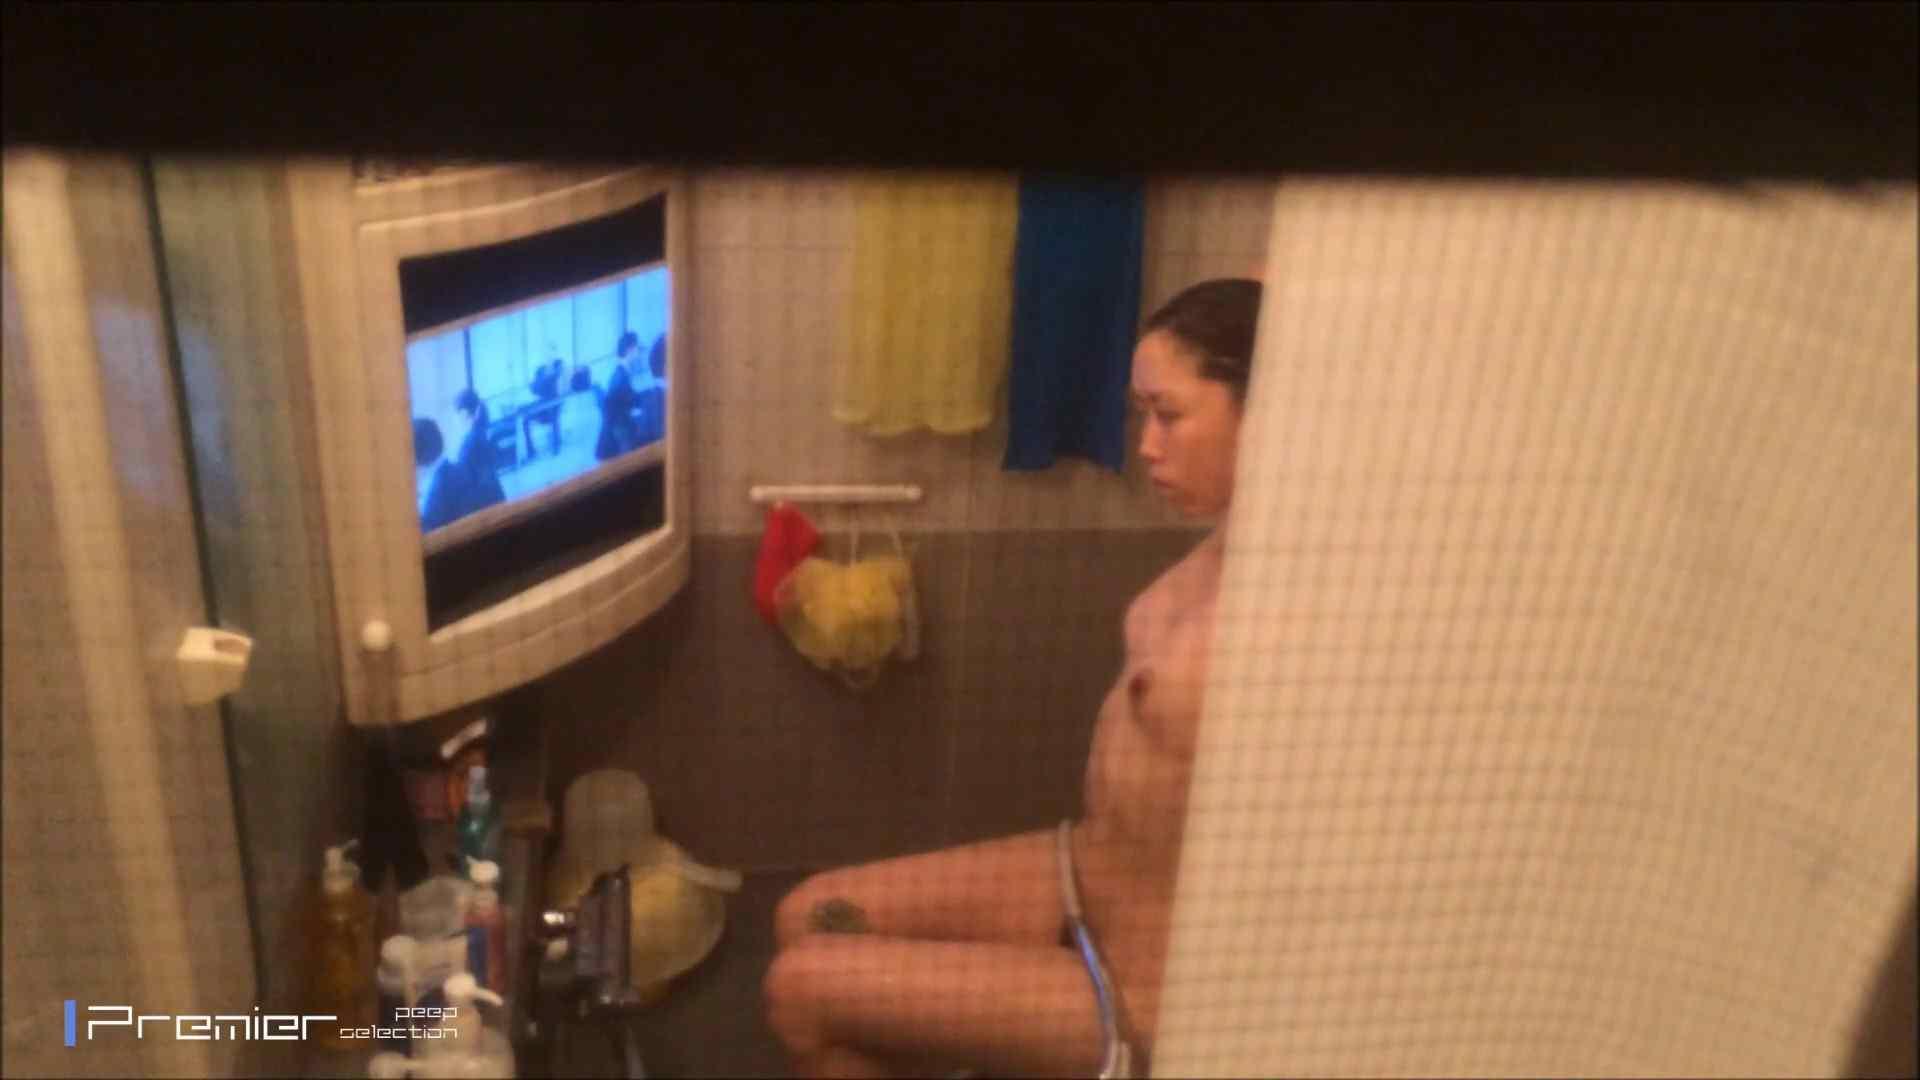 美女のテレビを見ながらの入浴 乙女の風呂場 Vol.21 乙女だって。。。  111画像 75